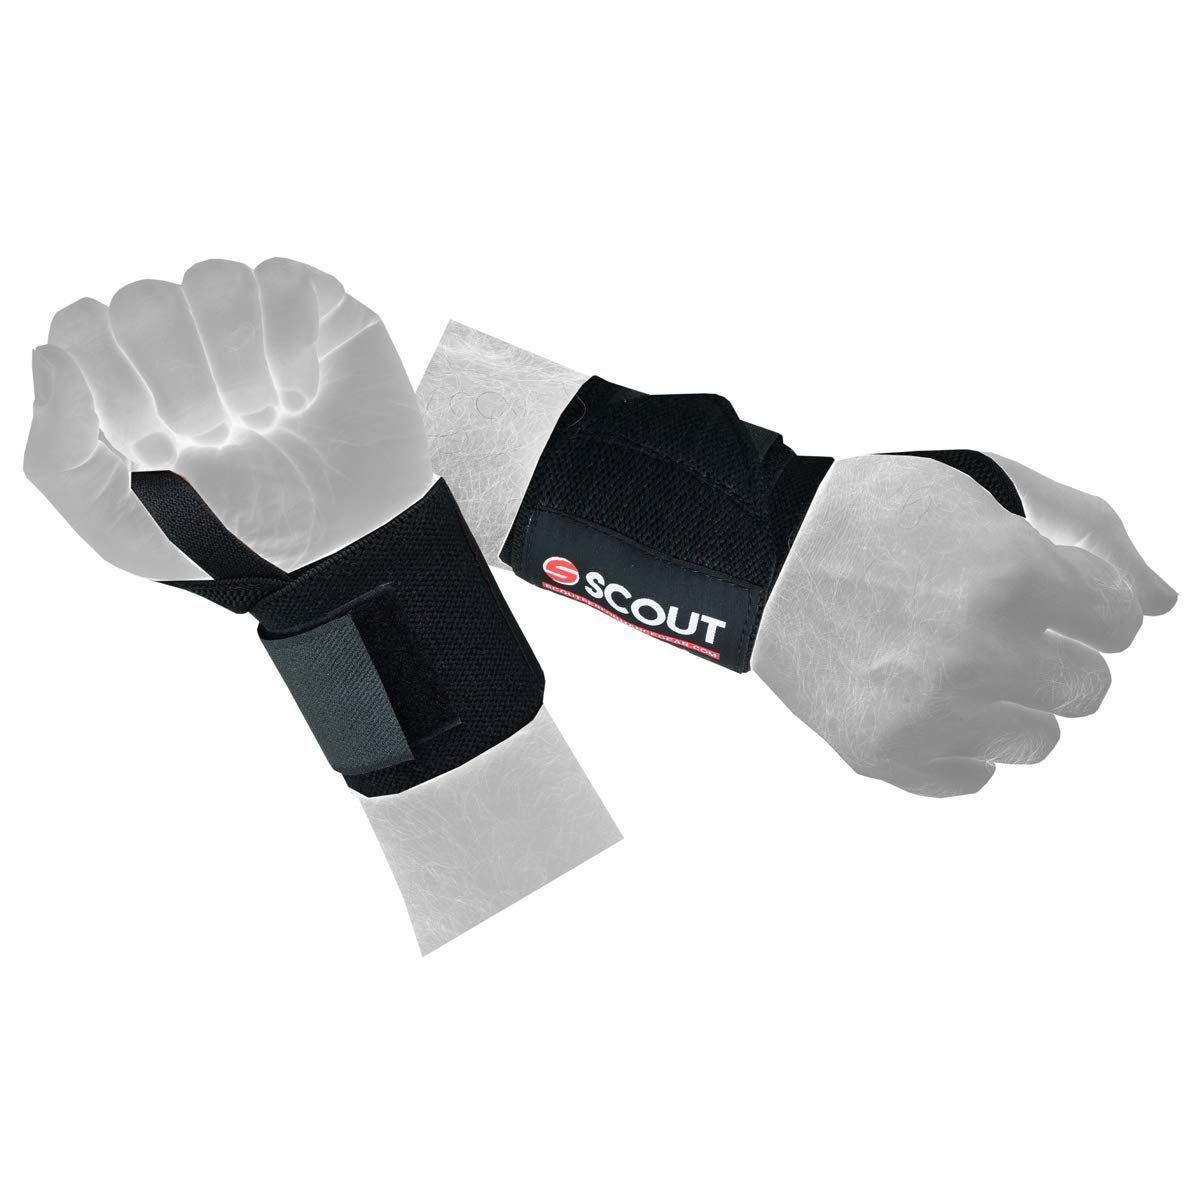 975752d0597ca Amazon.com : ScoutPerformanceGear SPG Power Weight Lifting Wrist ...